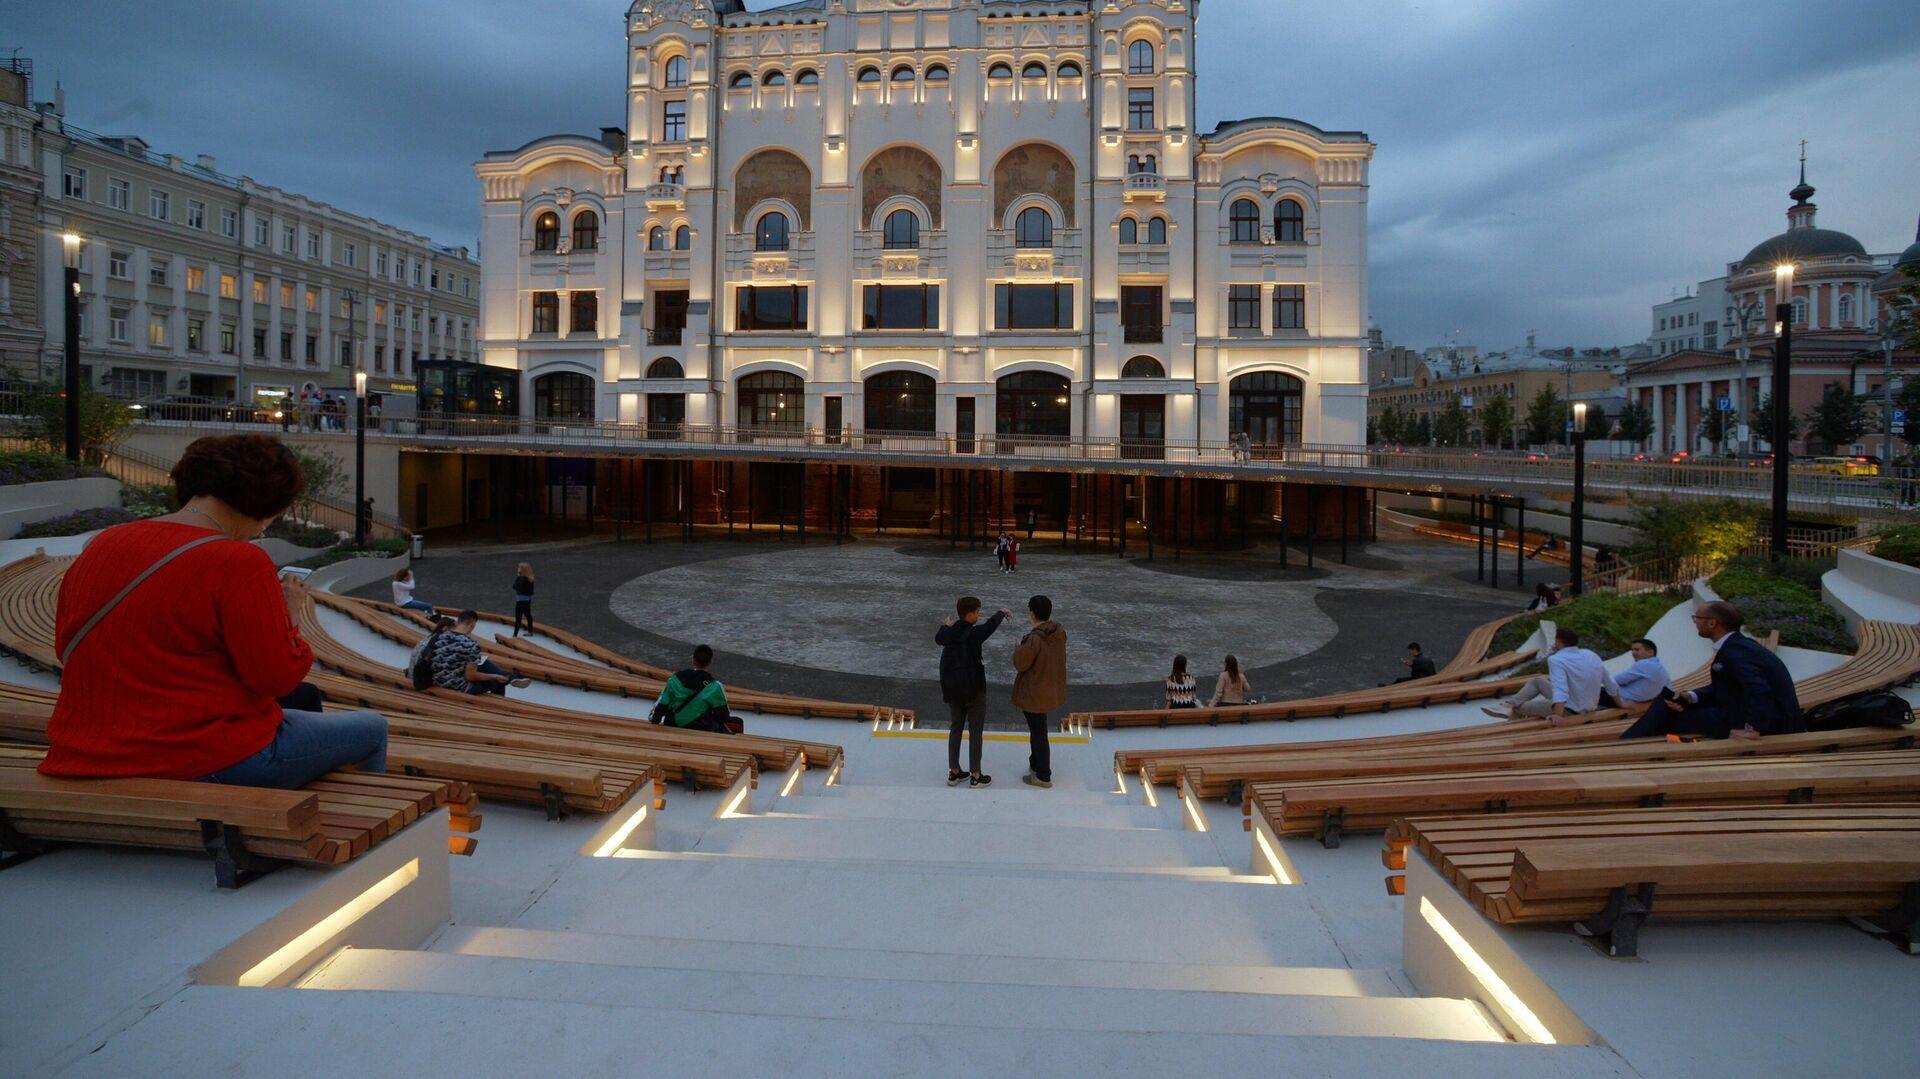 Новая пешеходная зона у Политехнического музея - РИА Новости, 1920, 09.12.2019